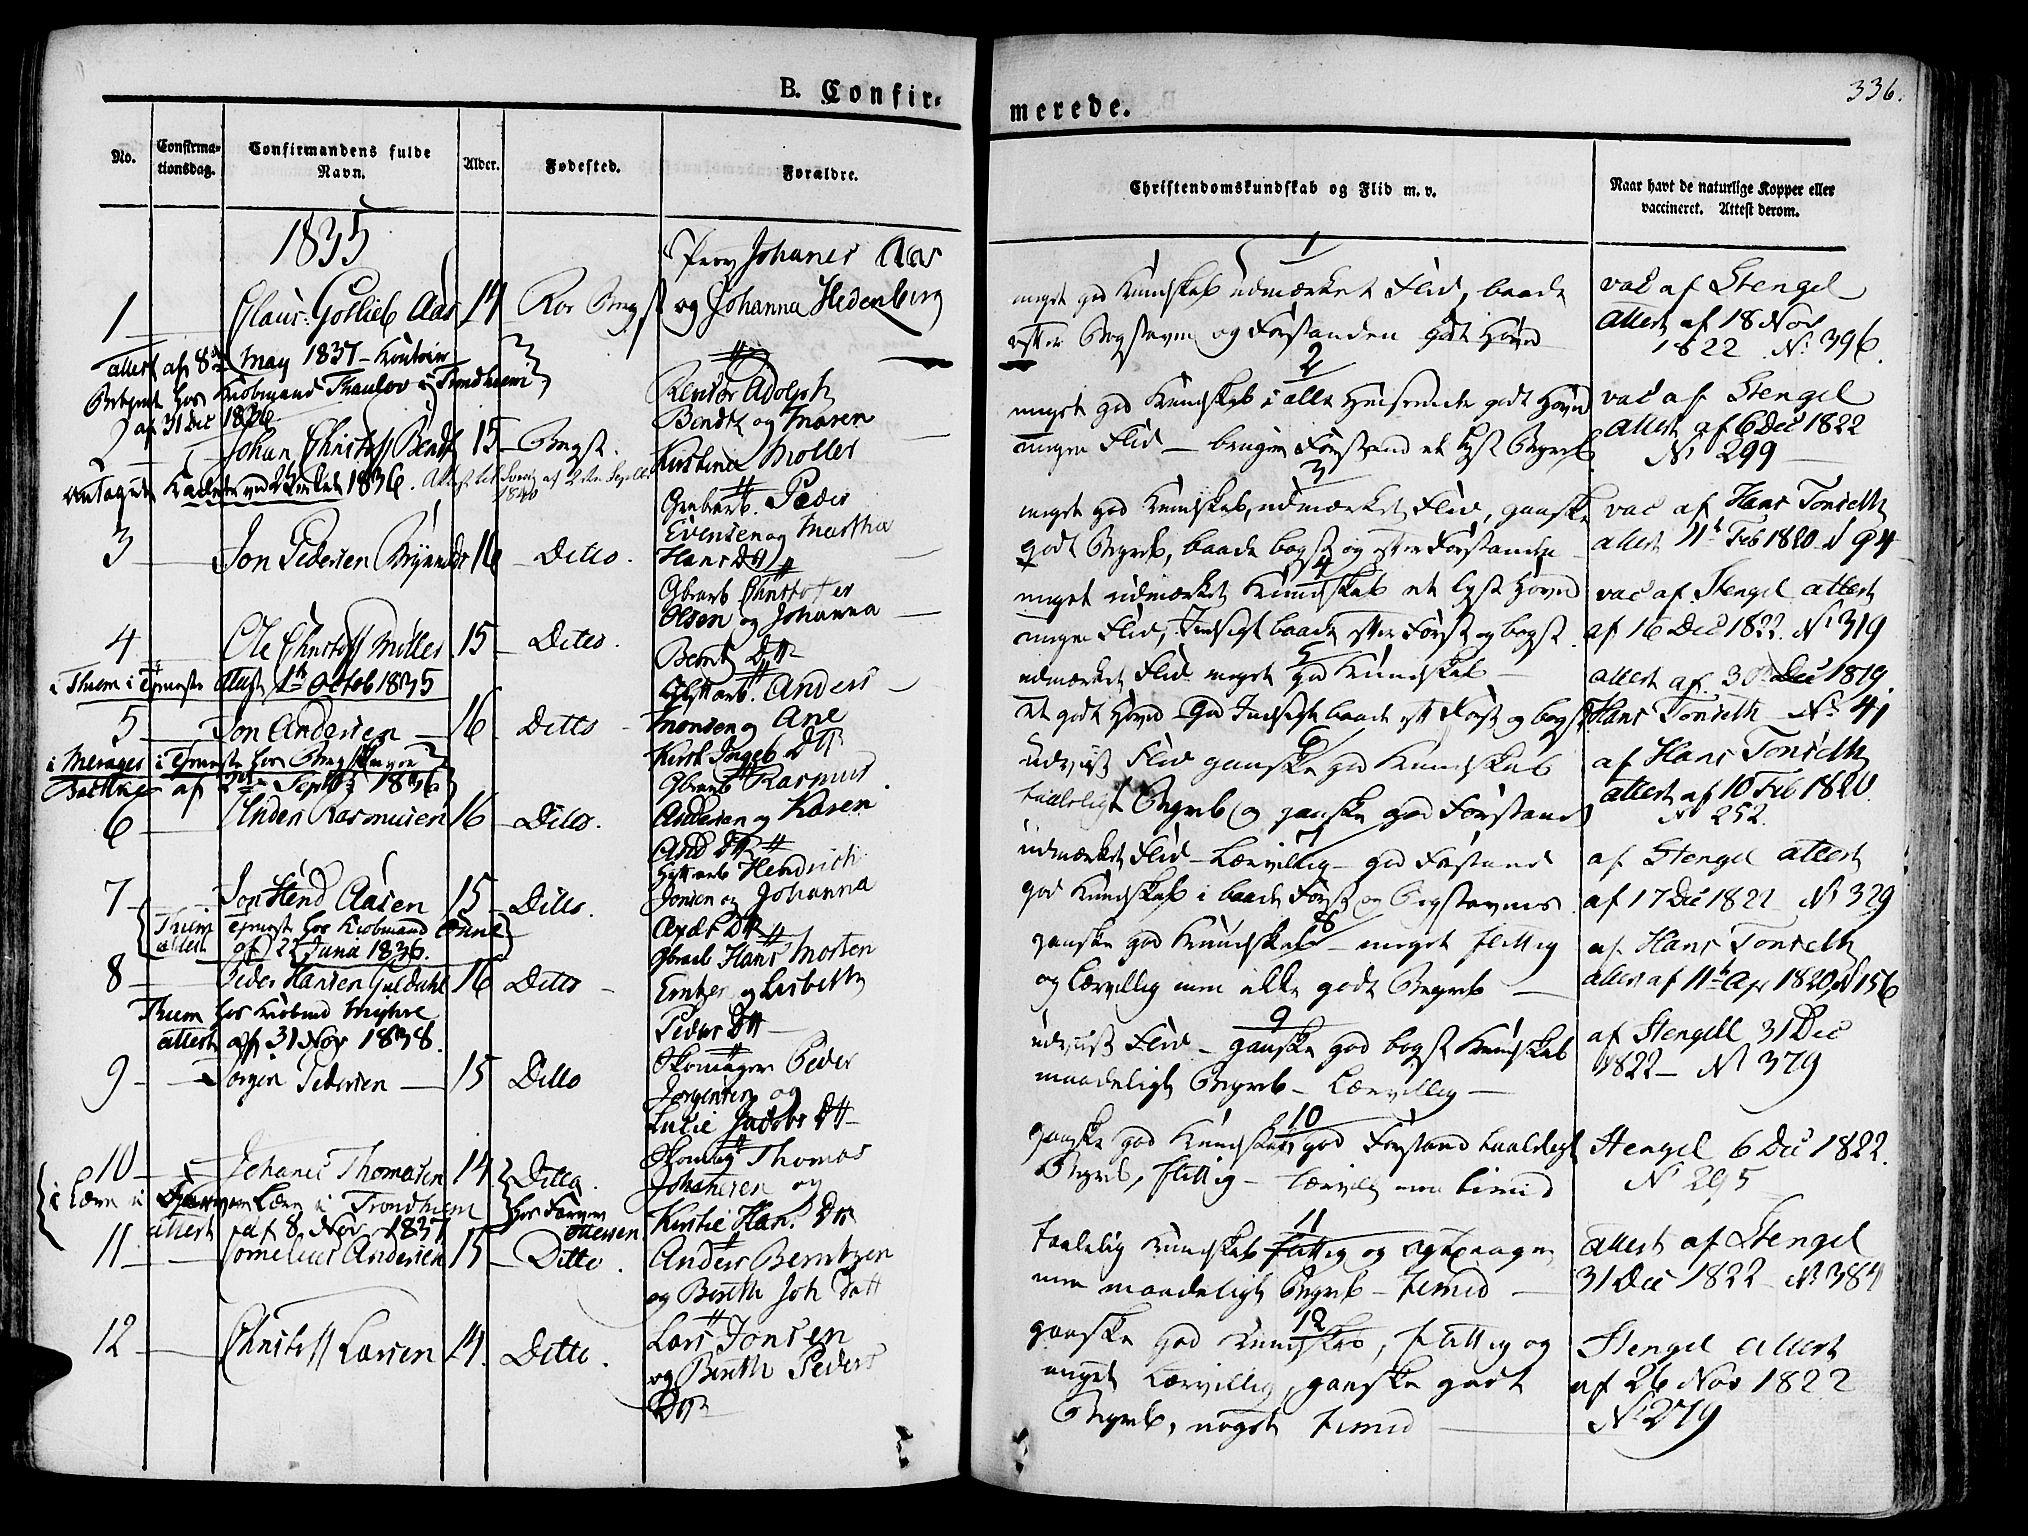 SAT, Ministerialprotokoller, klokkerbøker og fødselsregistre - Sør-Trøndelag, 681/L0930: Ministerialbok nr. 681A08, 1829-1844, s. 336